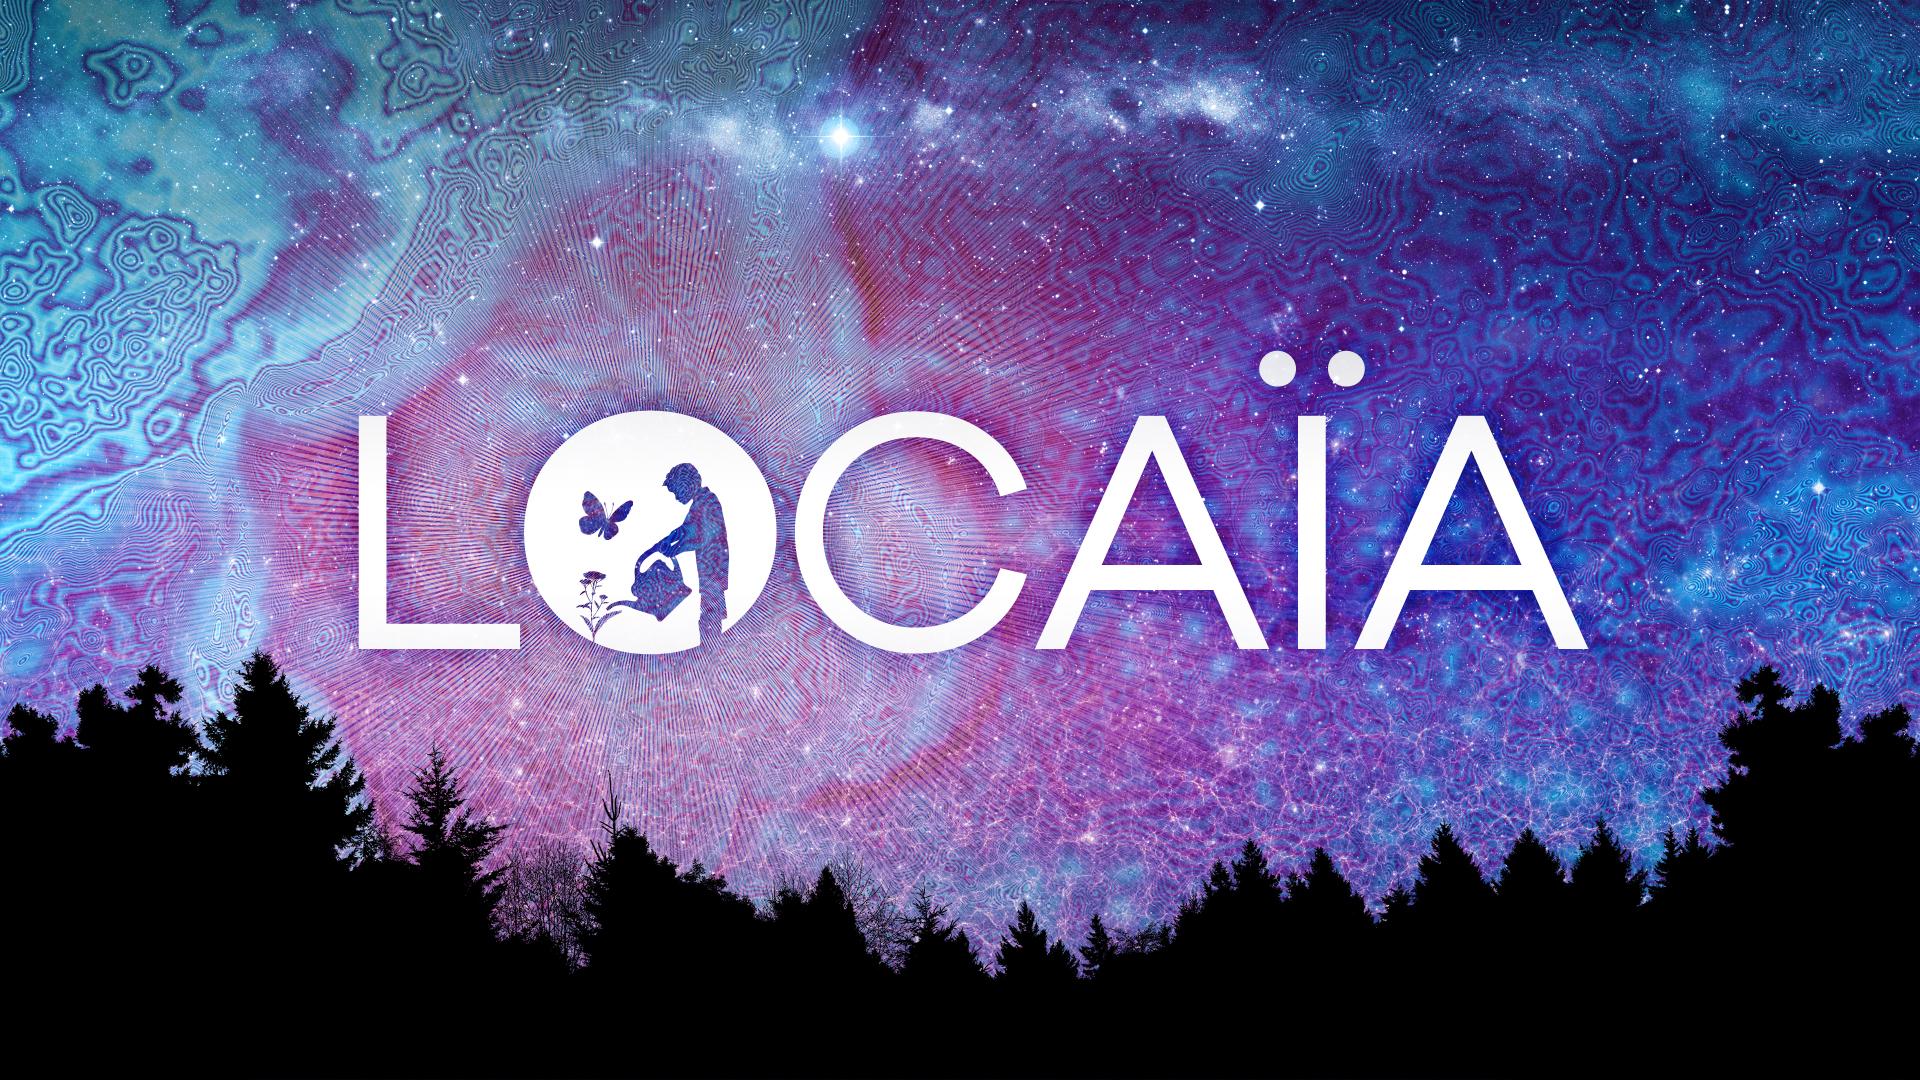 Locaïa - Bringing Globaïa to schools and communitiesComing soon